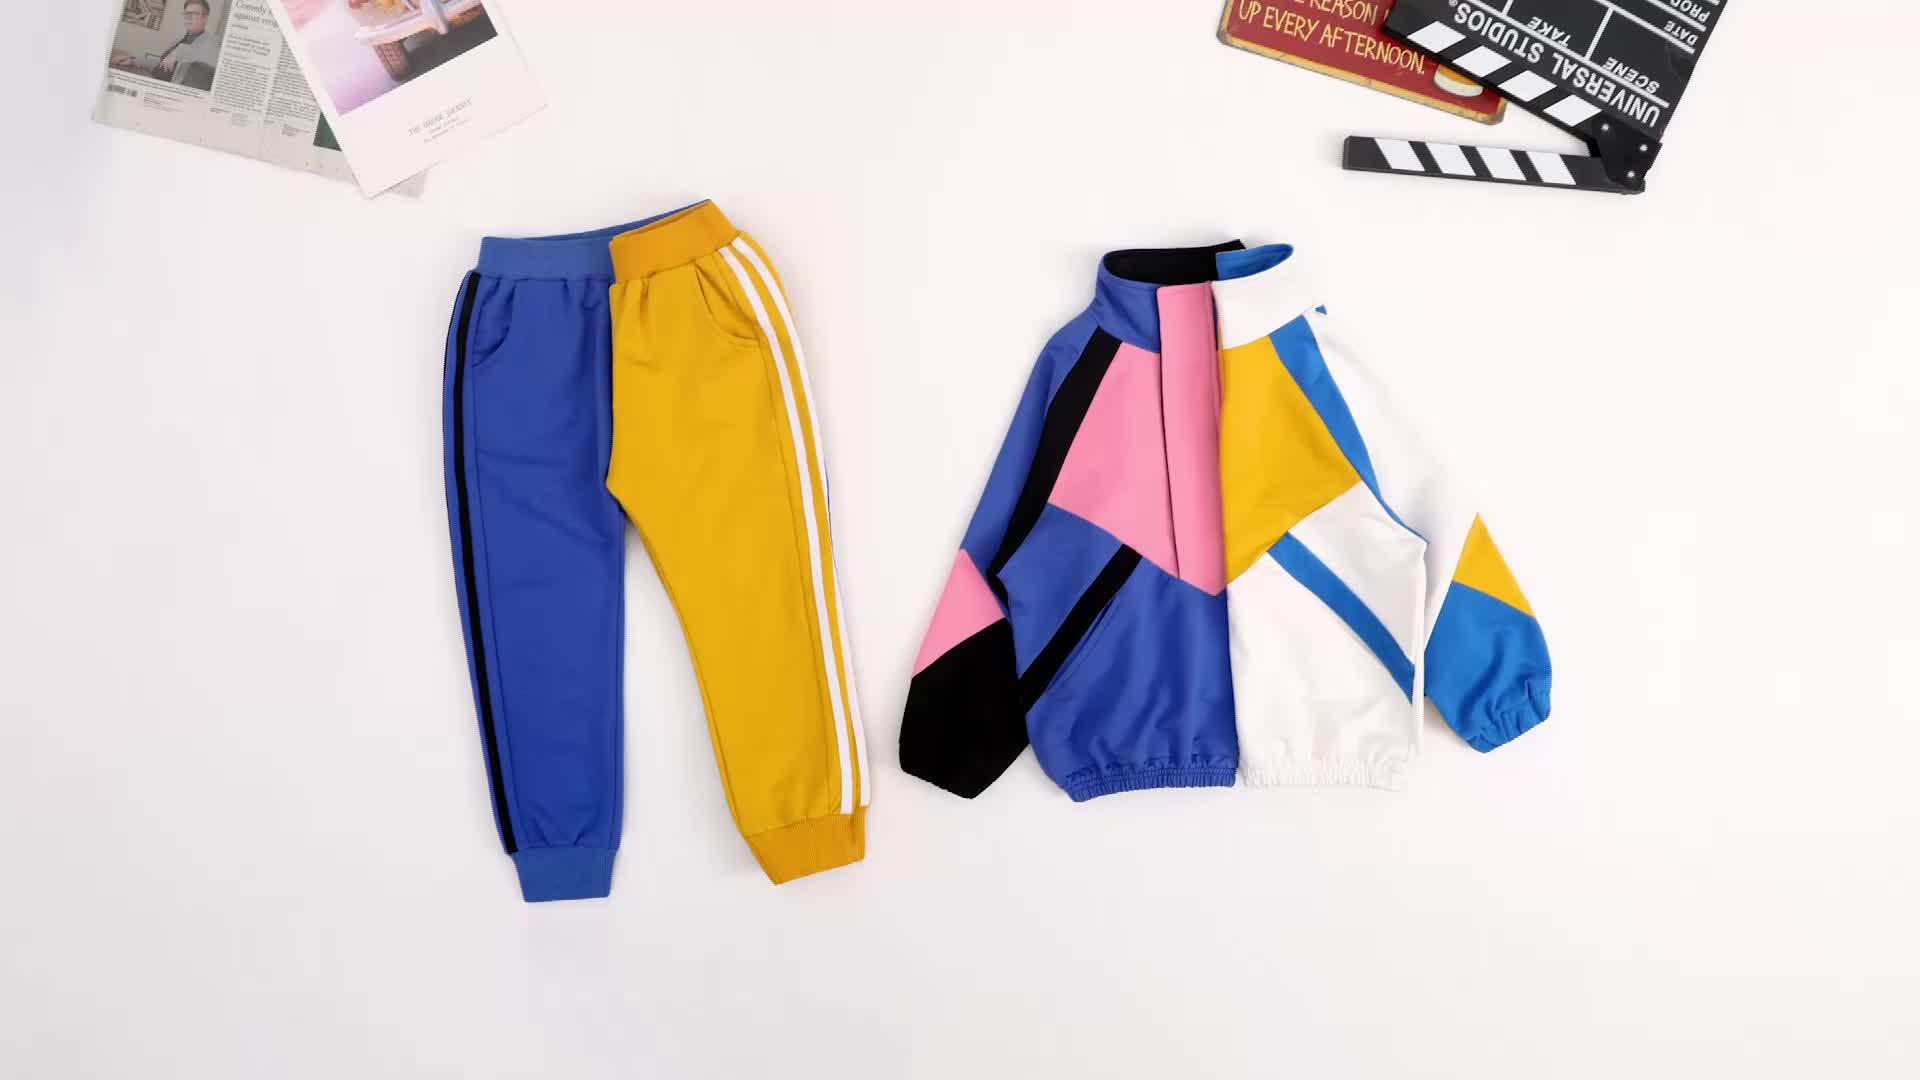 DRDDJN1901B1153 Hip hop style garçon ensemble de vêtements de mode enfants vêtements garçons vêtements pour enfants de haute qualité